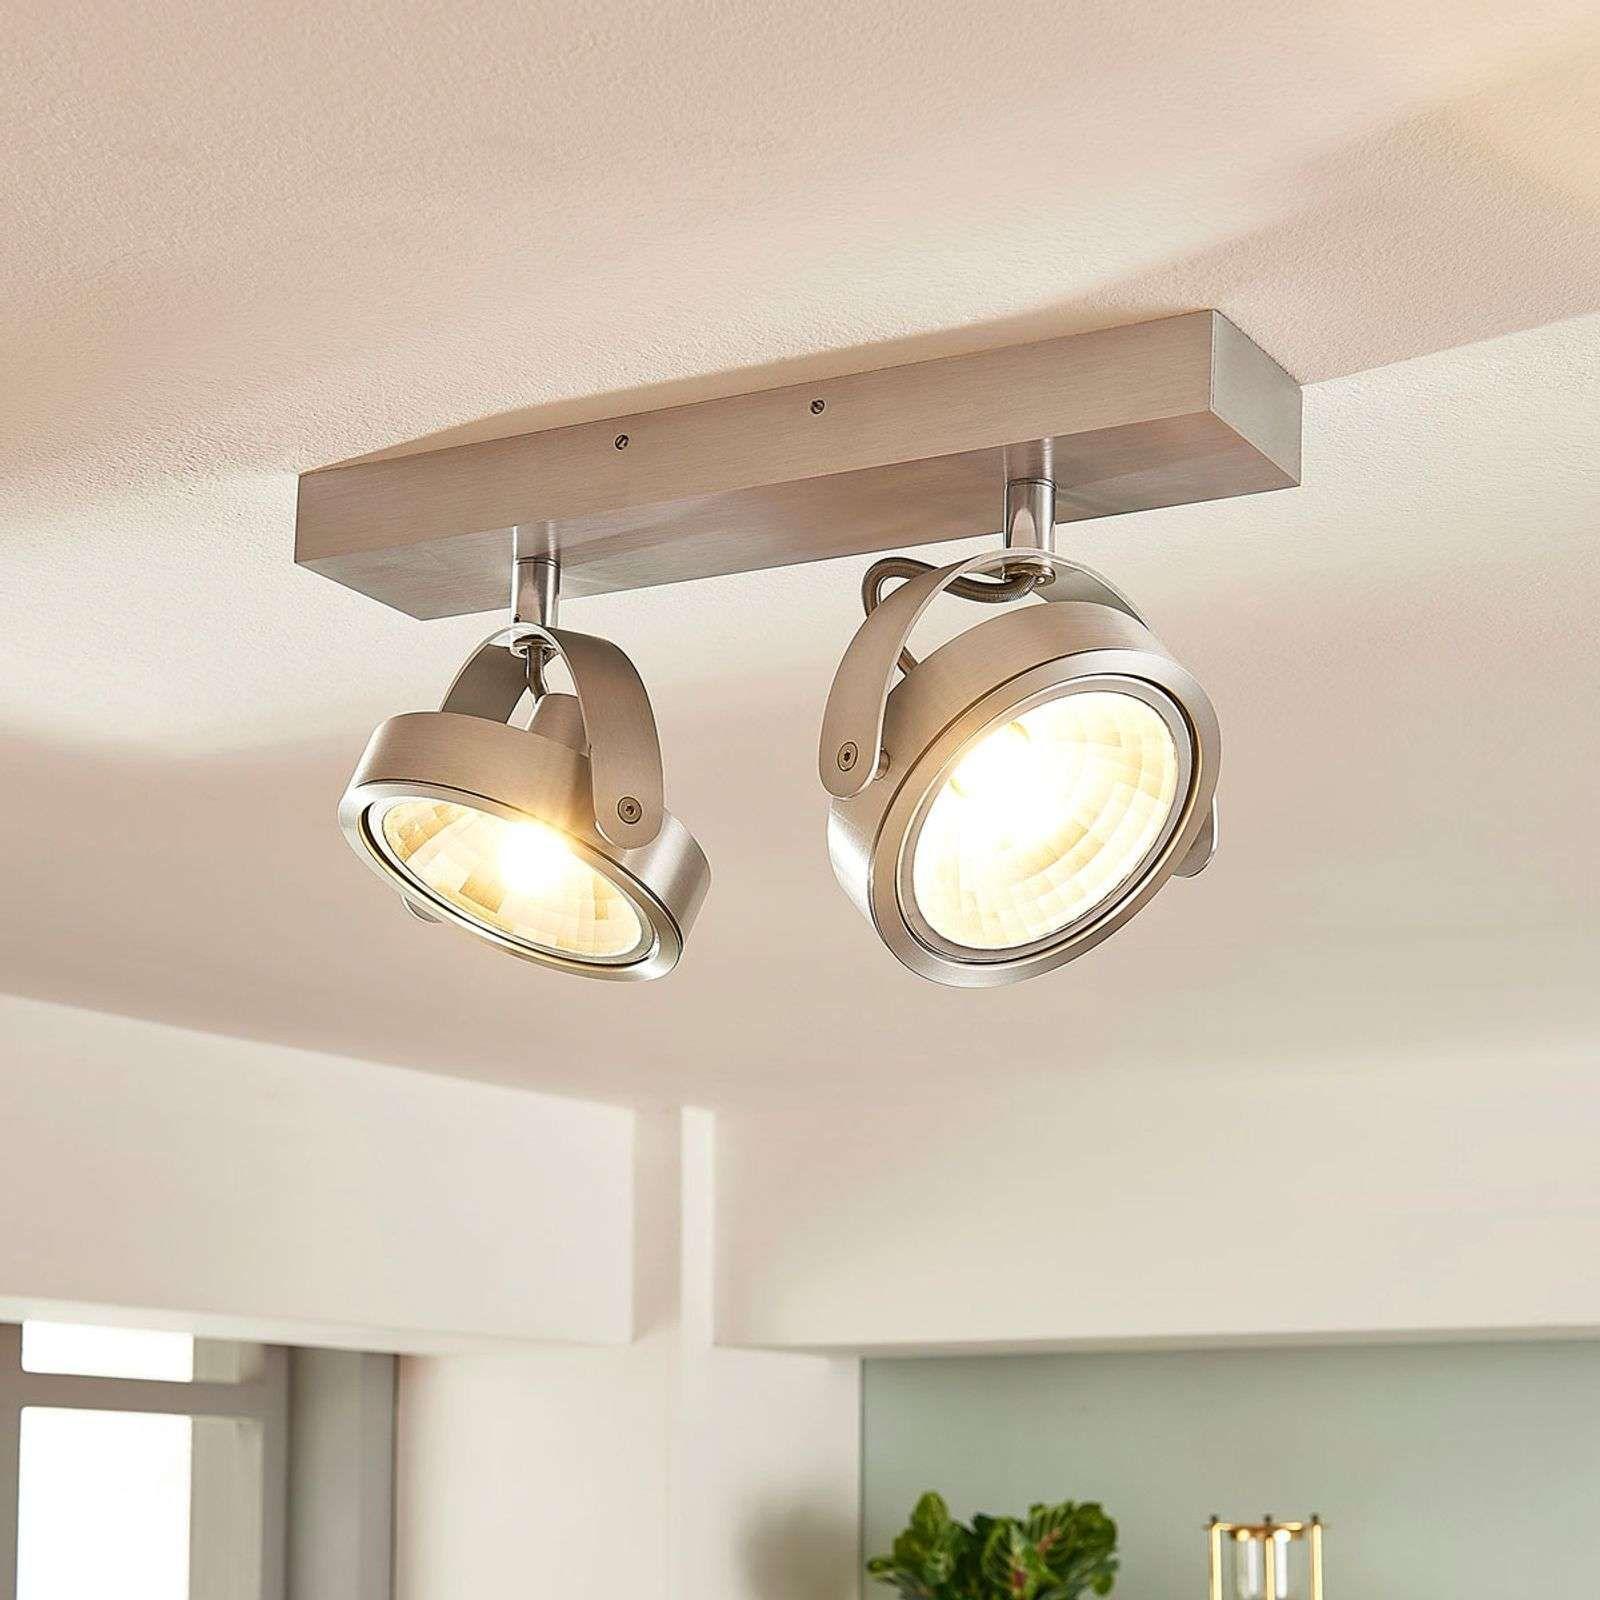 Projecteur Aluminium A 2 Lampes Lieven Et Led G9 De Arcchio En 2020 Plafonnier Led Plafonnier Led Design Et Luminaire Plafond